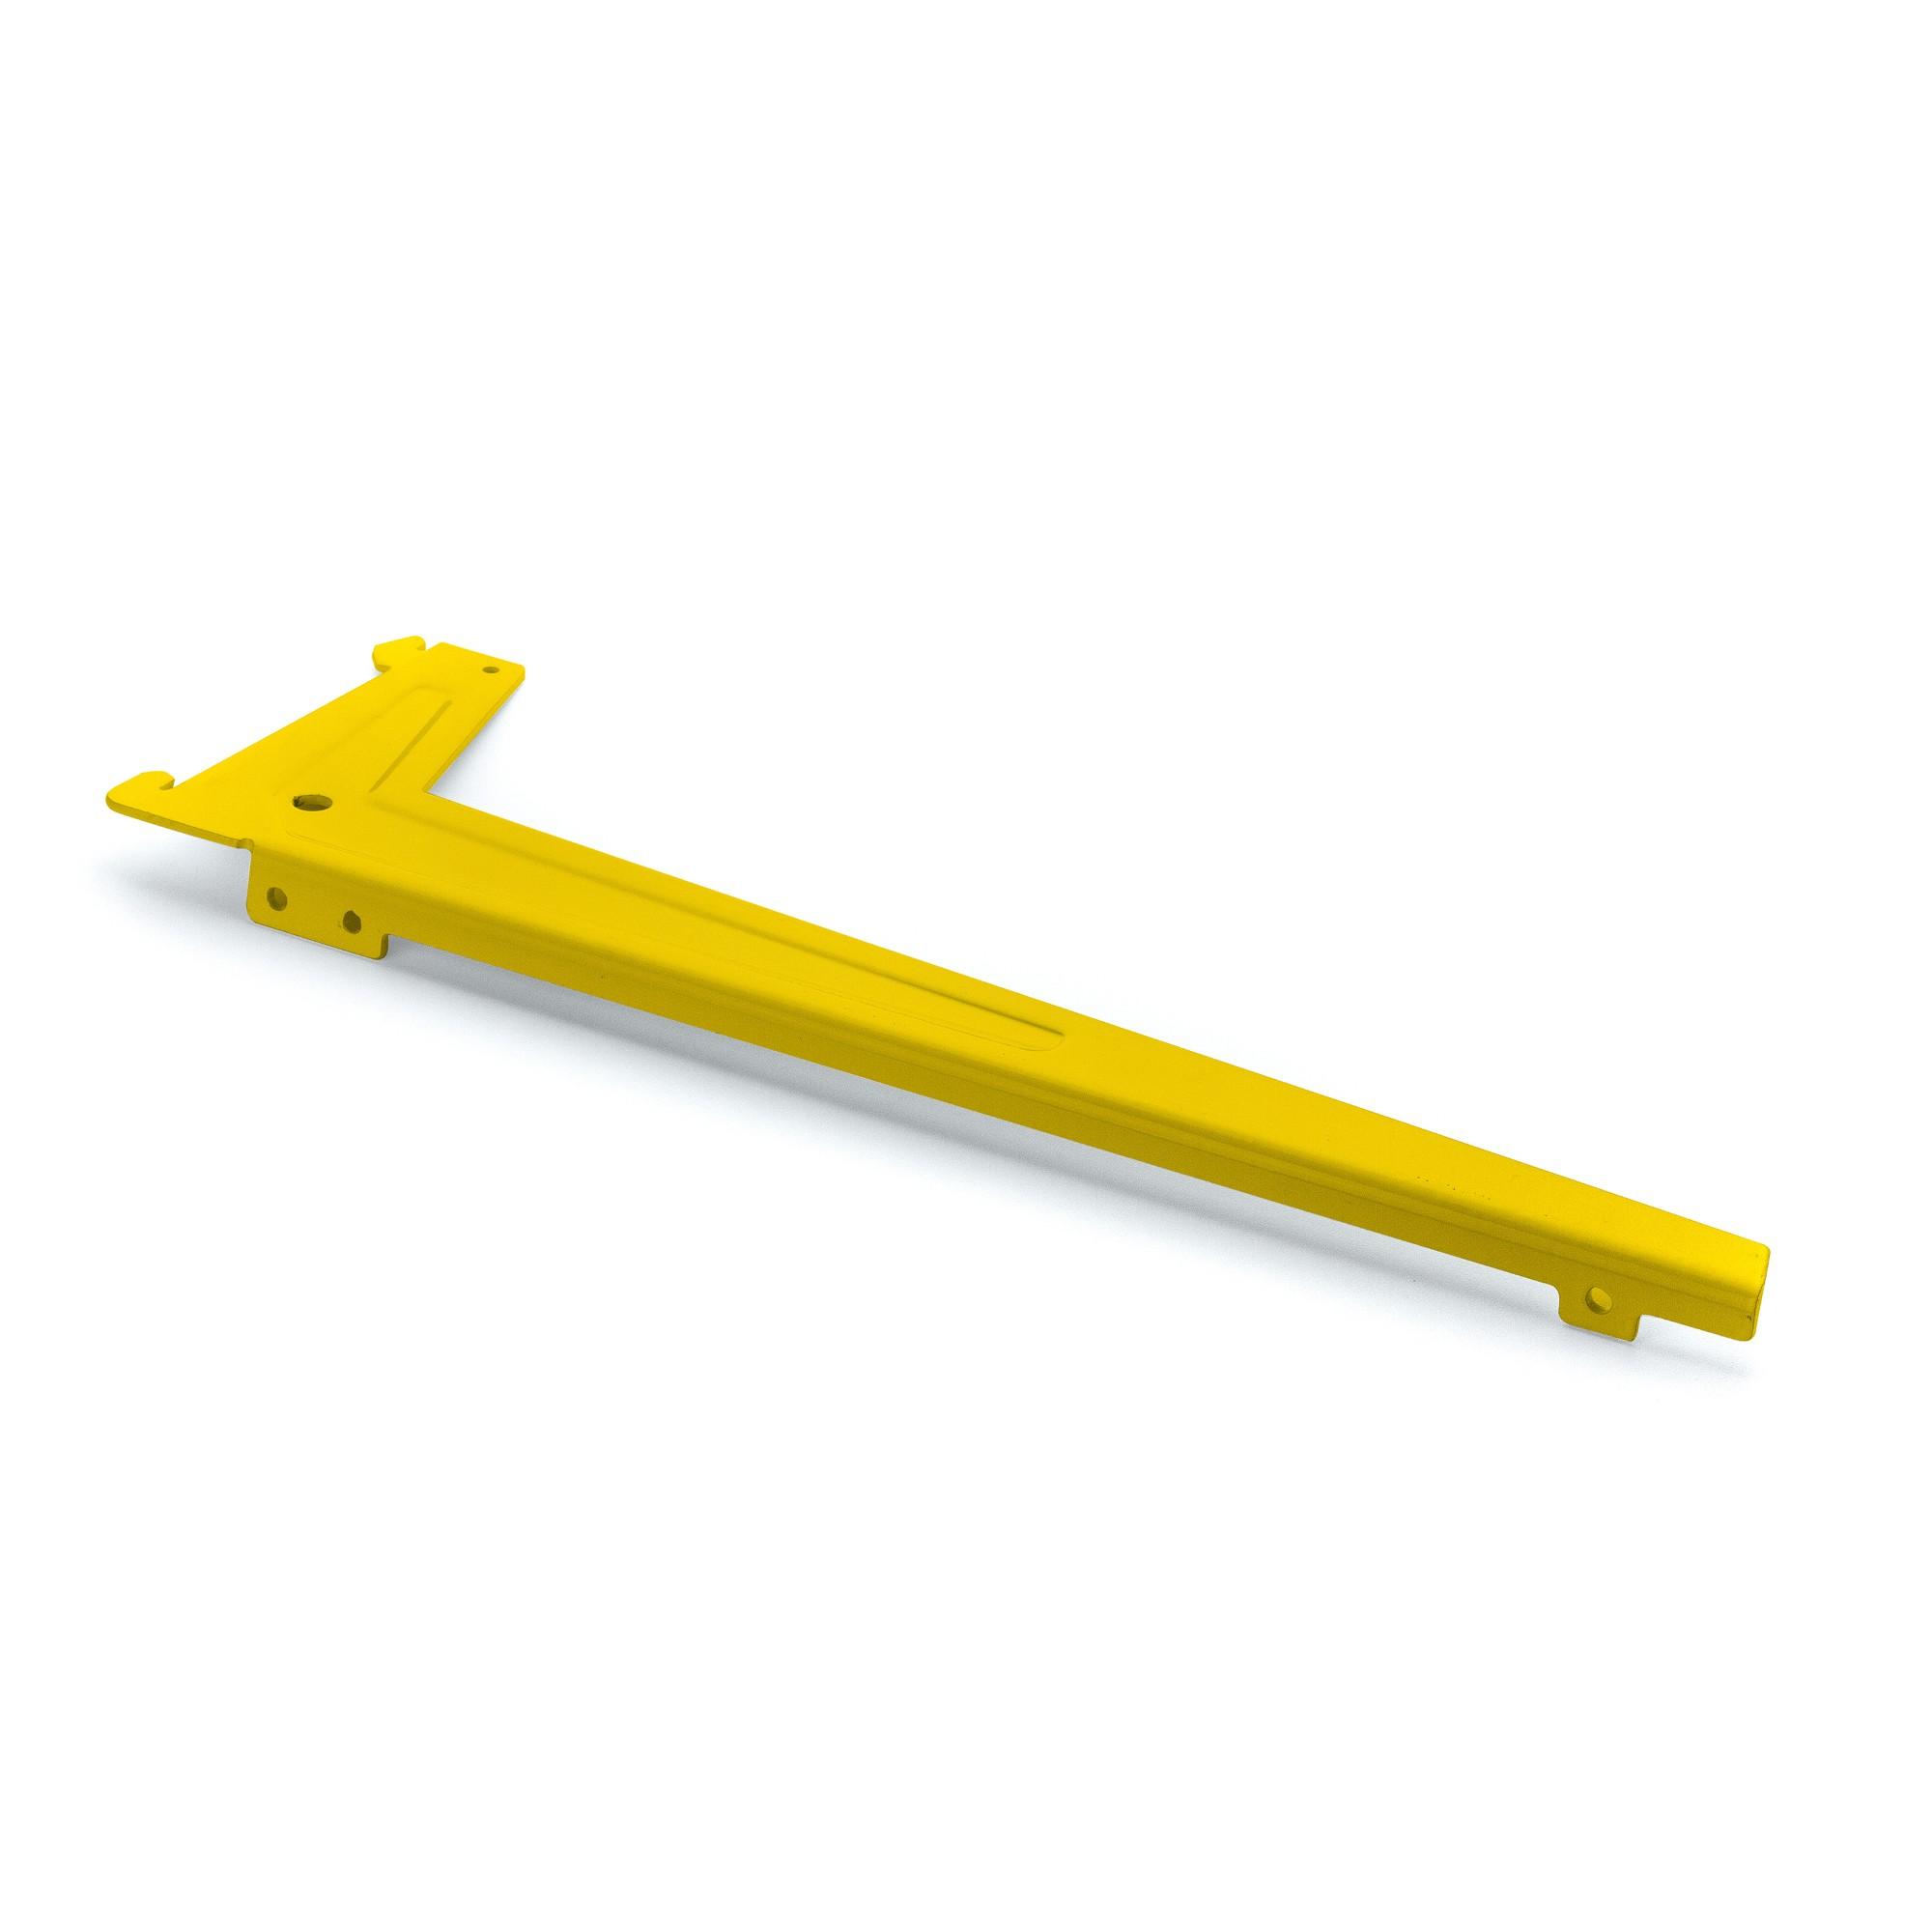 Suporte para Trilho Aco 191cm Encaixe Simples Aba Esquerda Amarelo - Fico